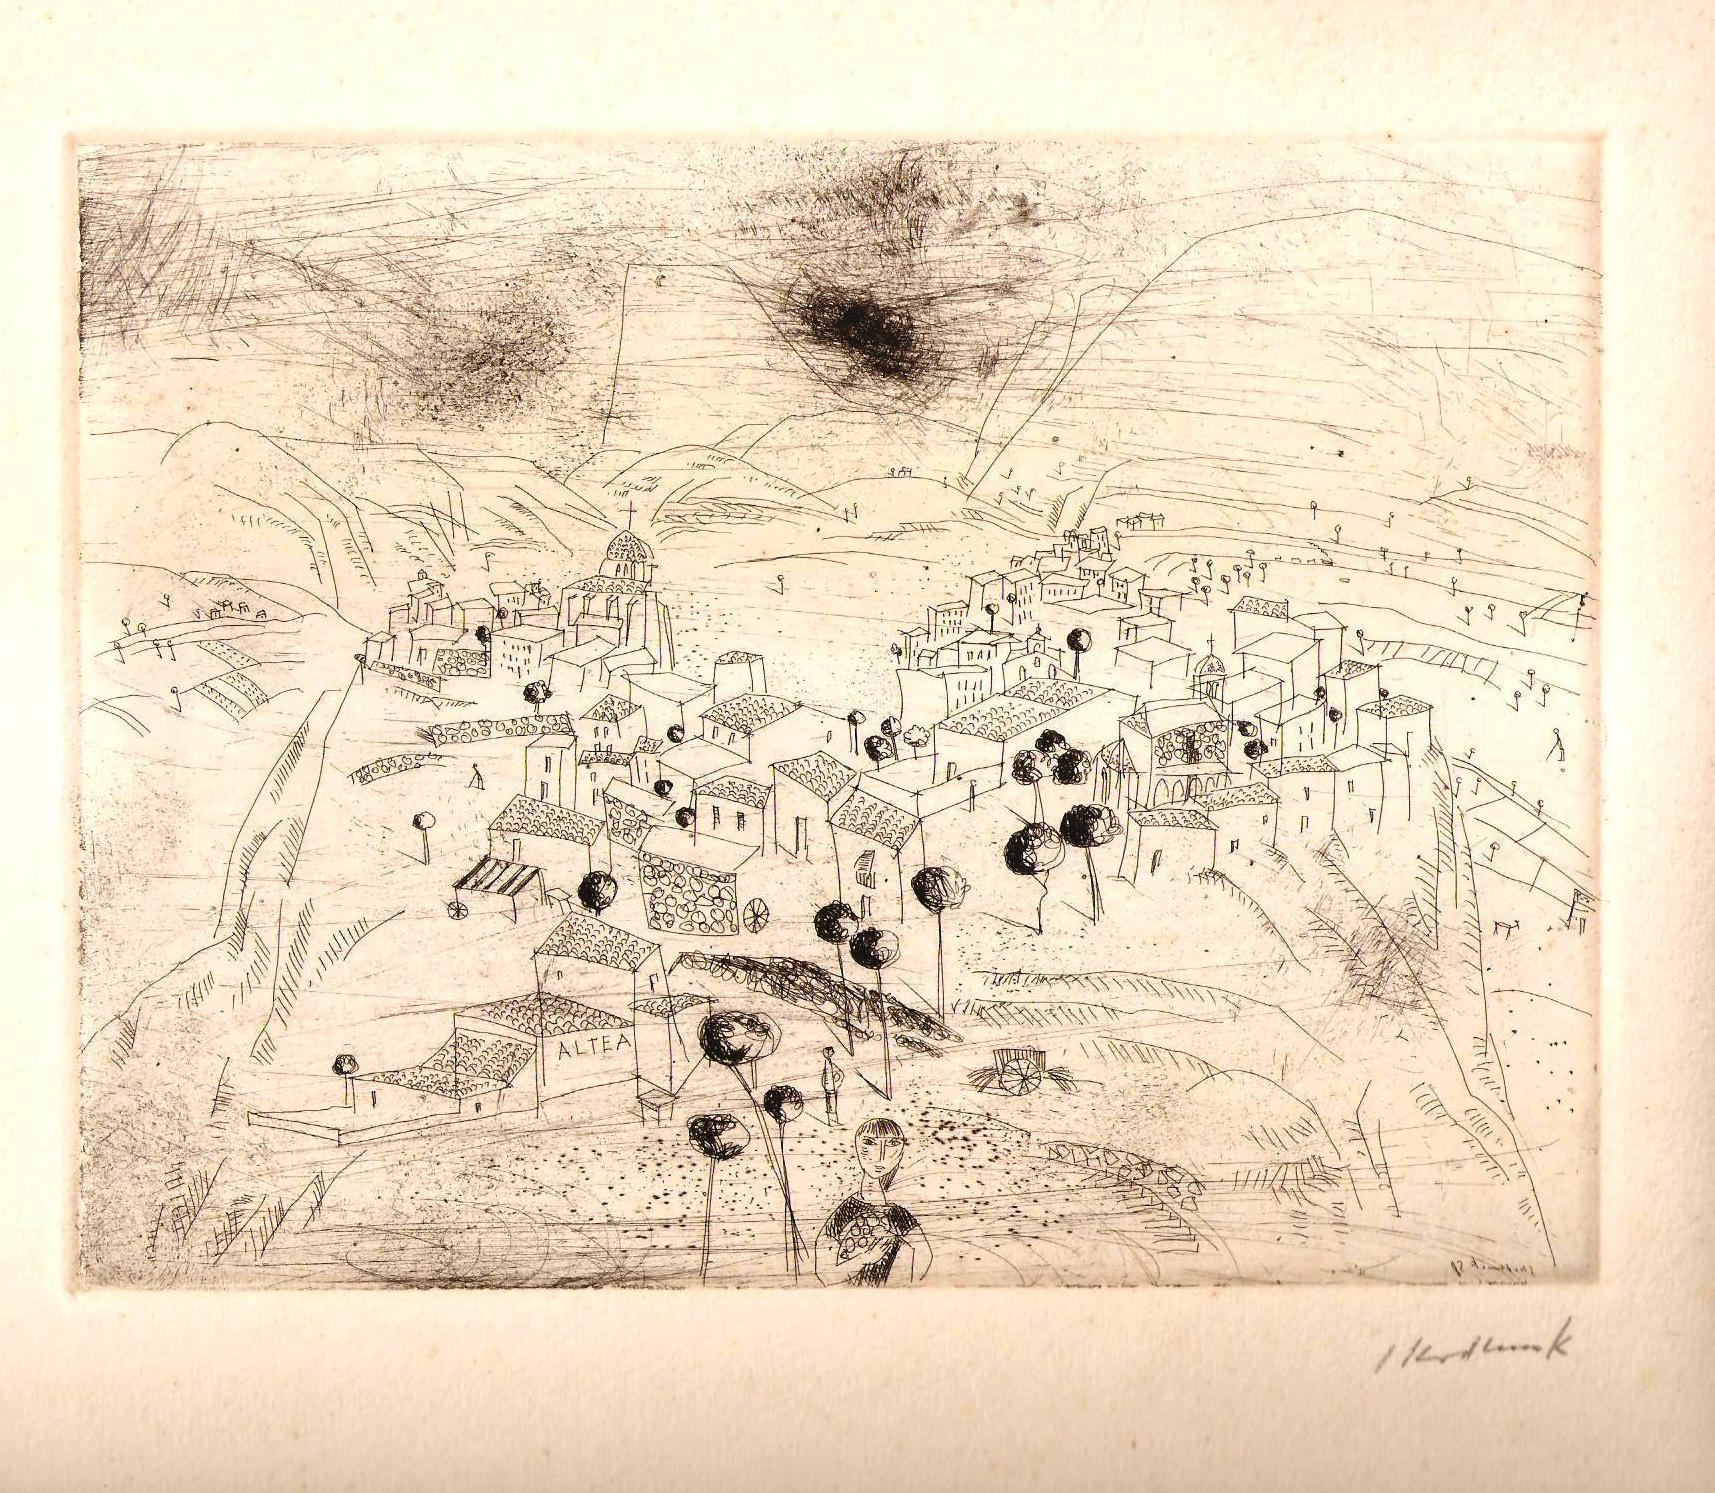 """Original-Radierung, signiert """"Altea"""": Skodlerrak, Horst (1920-2001)"""